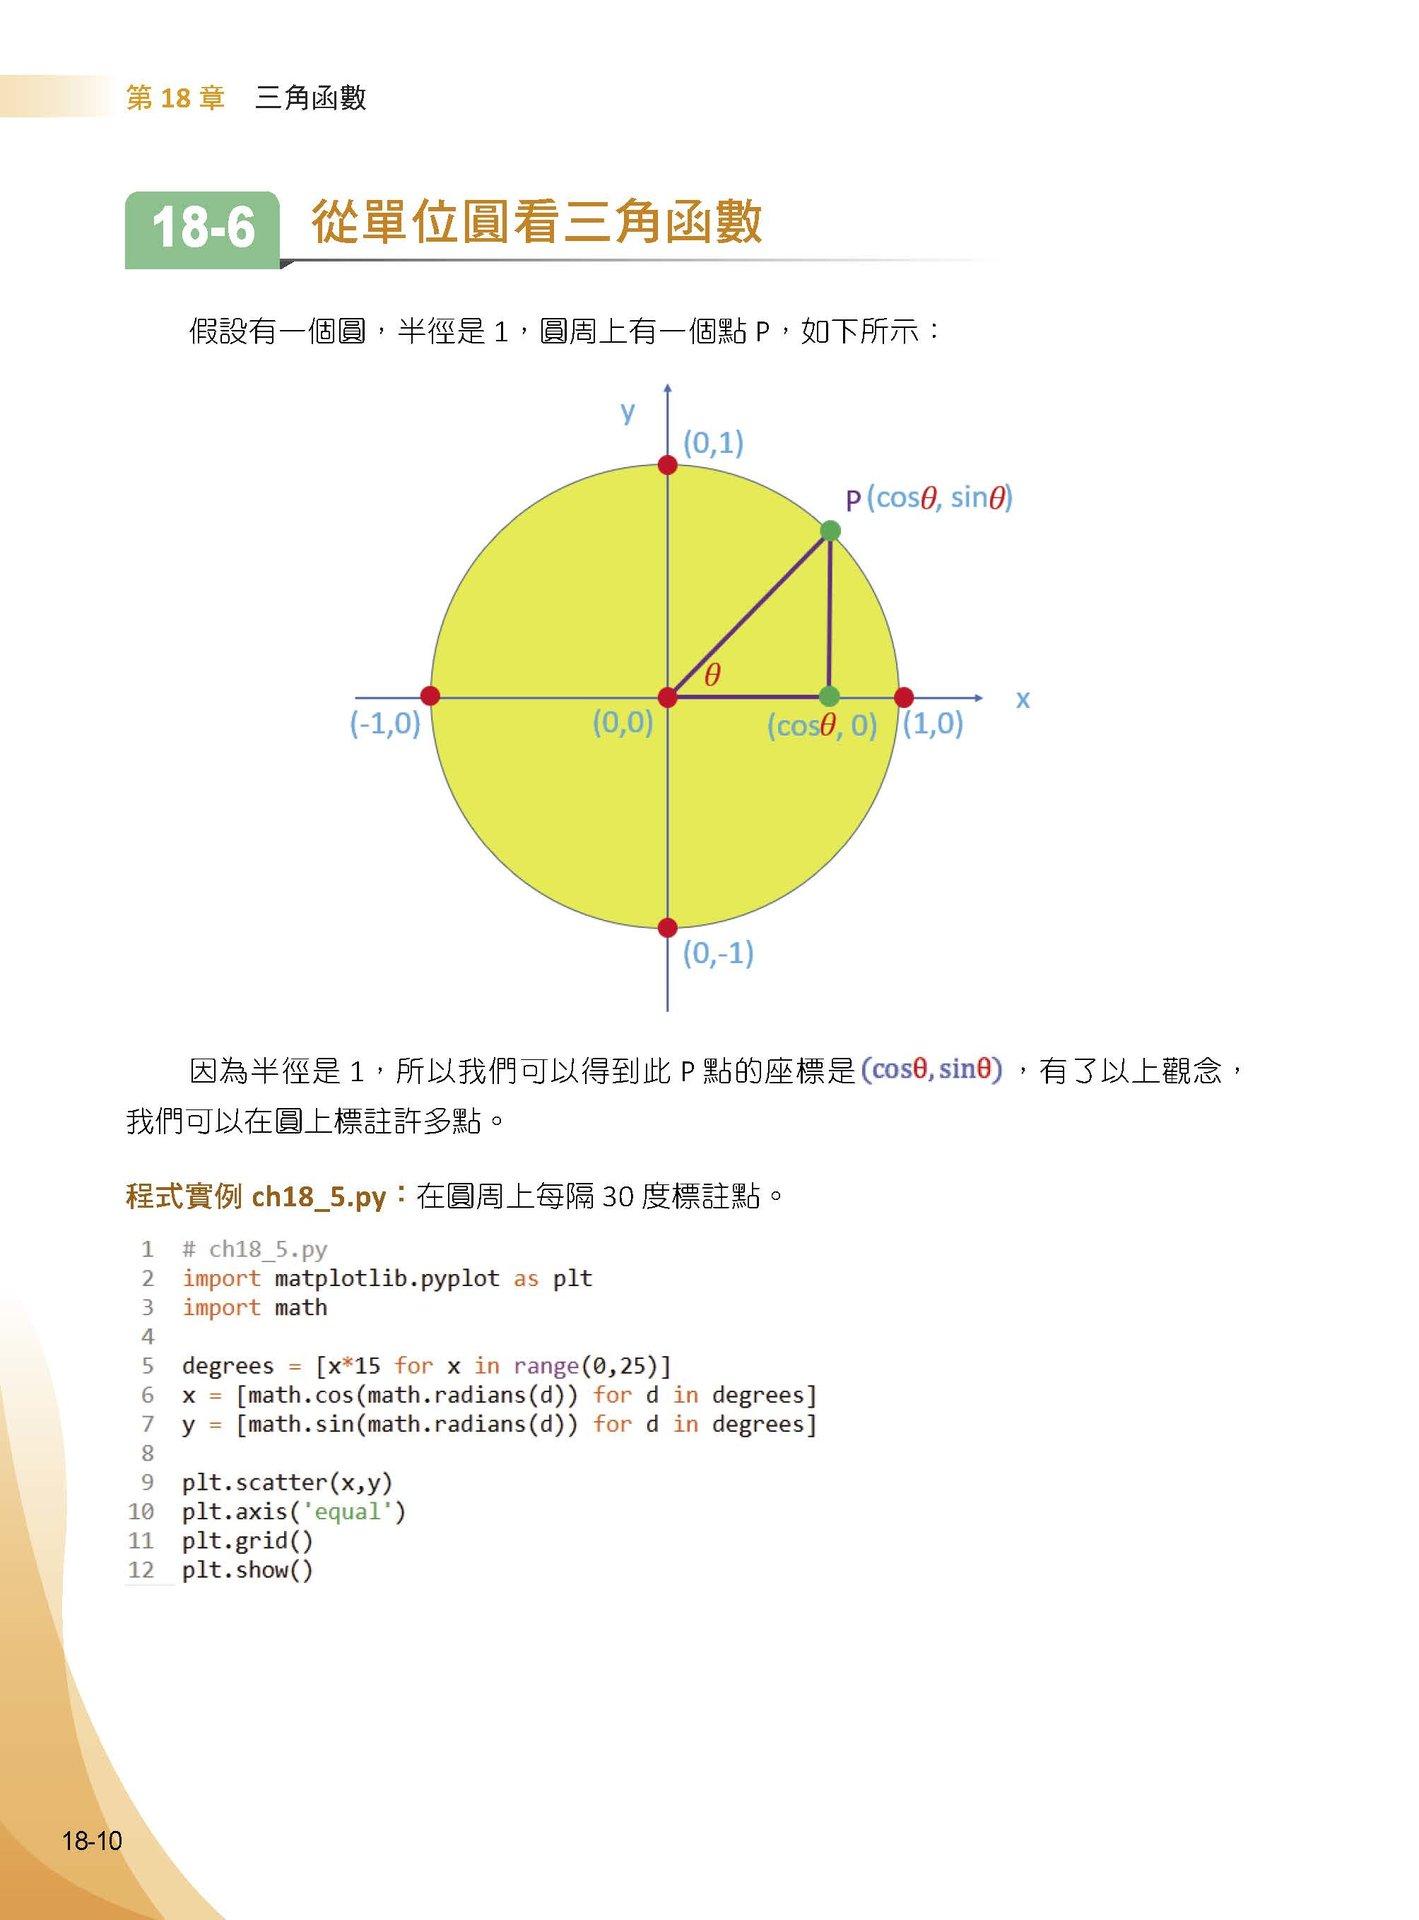 機器學習:彩色圖解 + 基礎數學篇 + Python 實作 -- 王者歸來, 2/e-preview-7